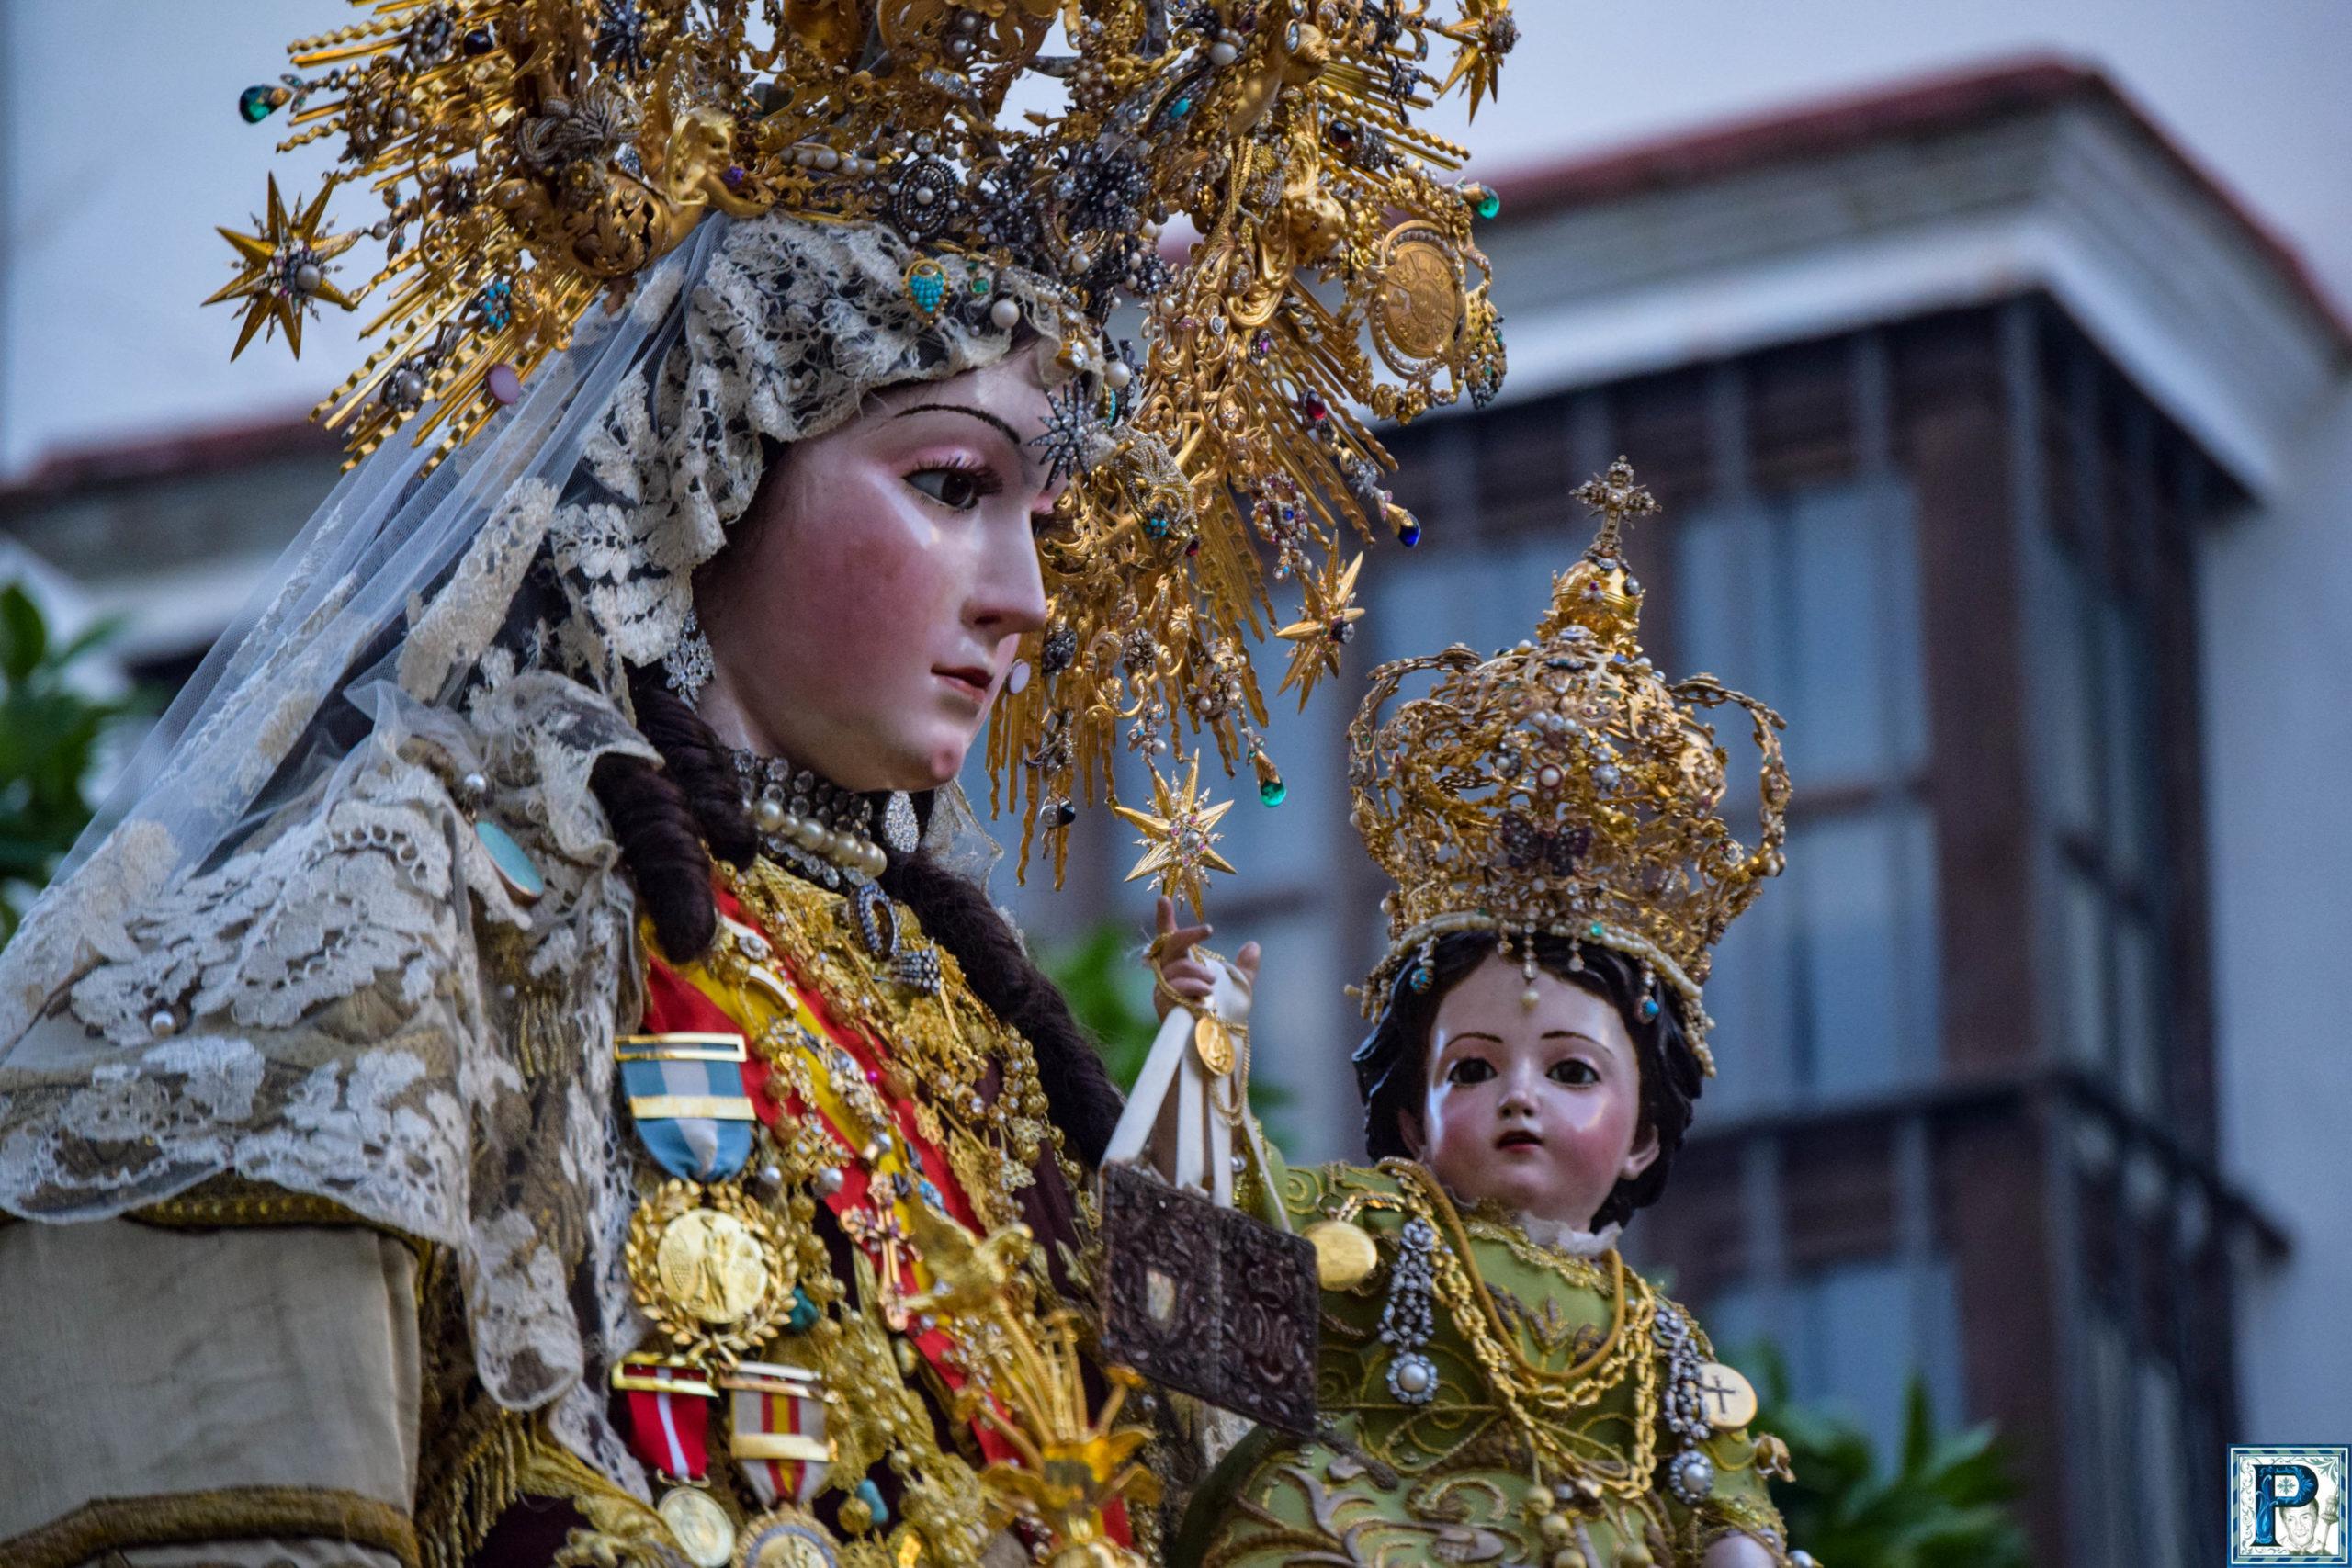 Galería | La procesión de la Virgen del Carmen, por Miguel A. Gómez